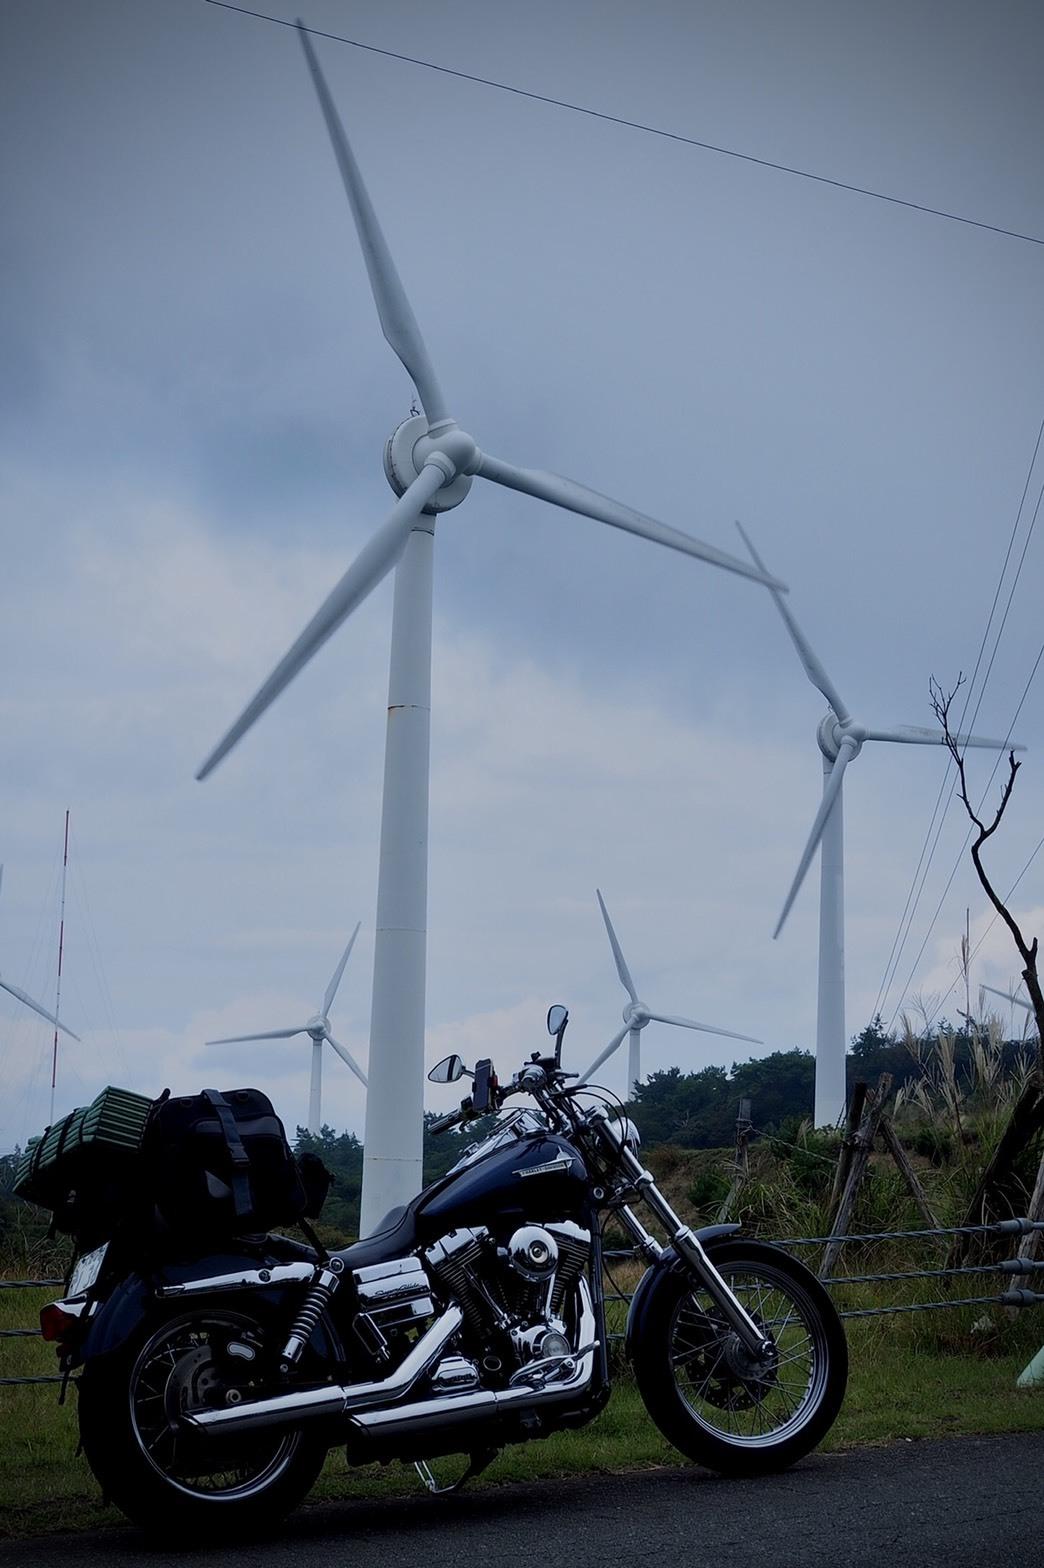 ぴーきちハーレーブログ 青山高原 風力発電 インスタ映え スポット ガスってる